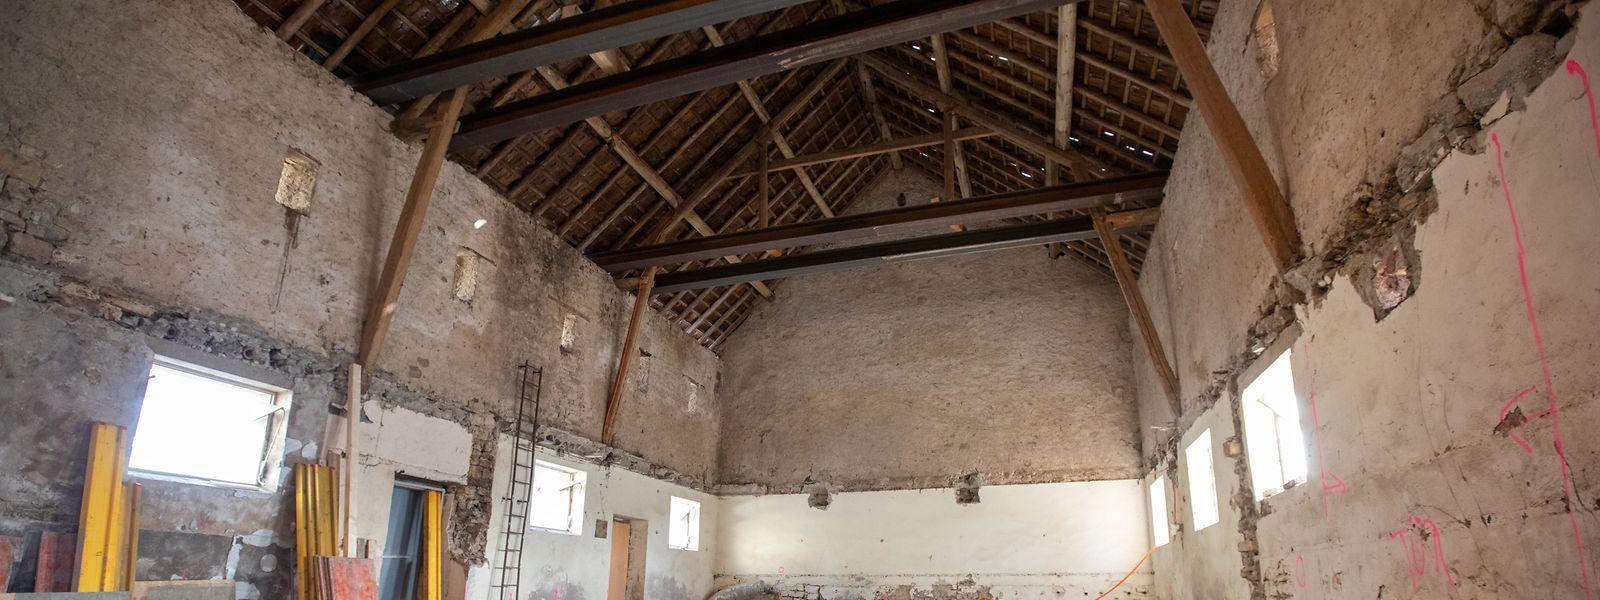 Wenn die alte Scheune umgebaut ist, wird sie ein Dorfcafé und einen Raum für Feiern enthalten.